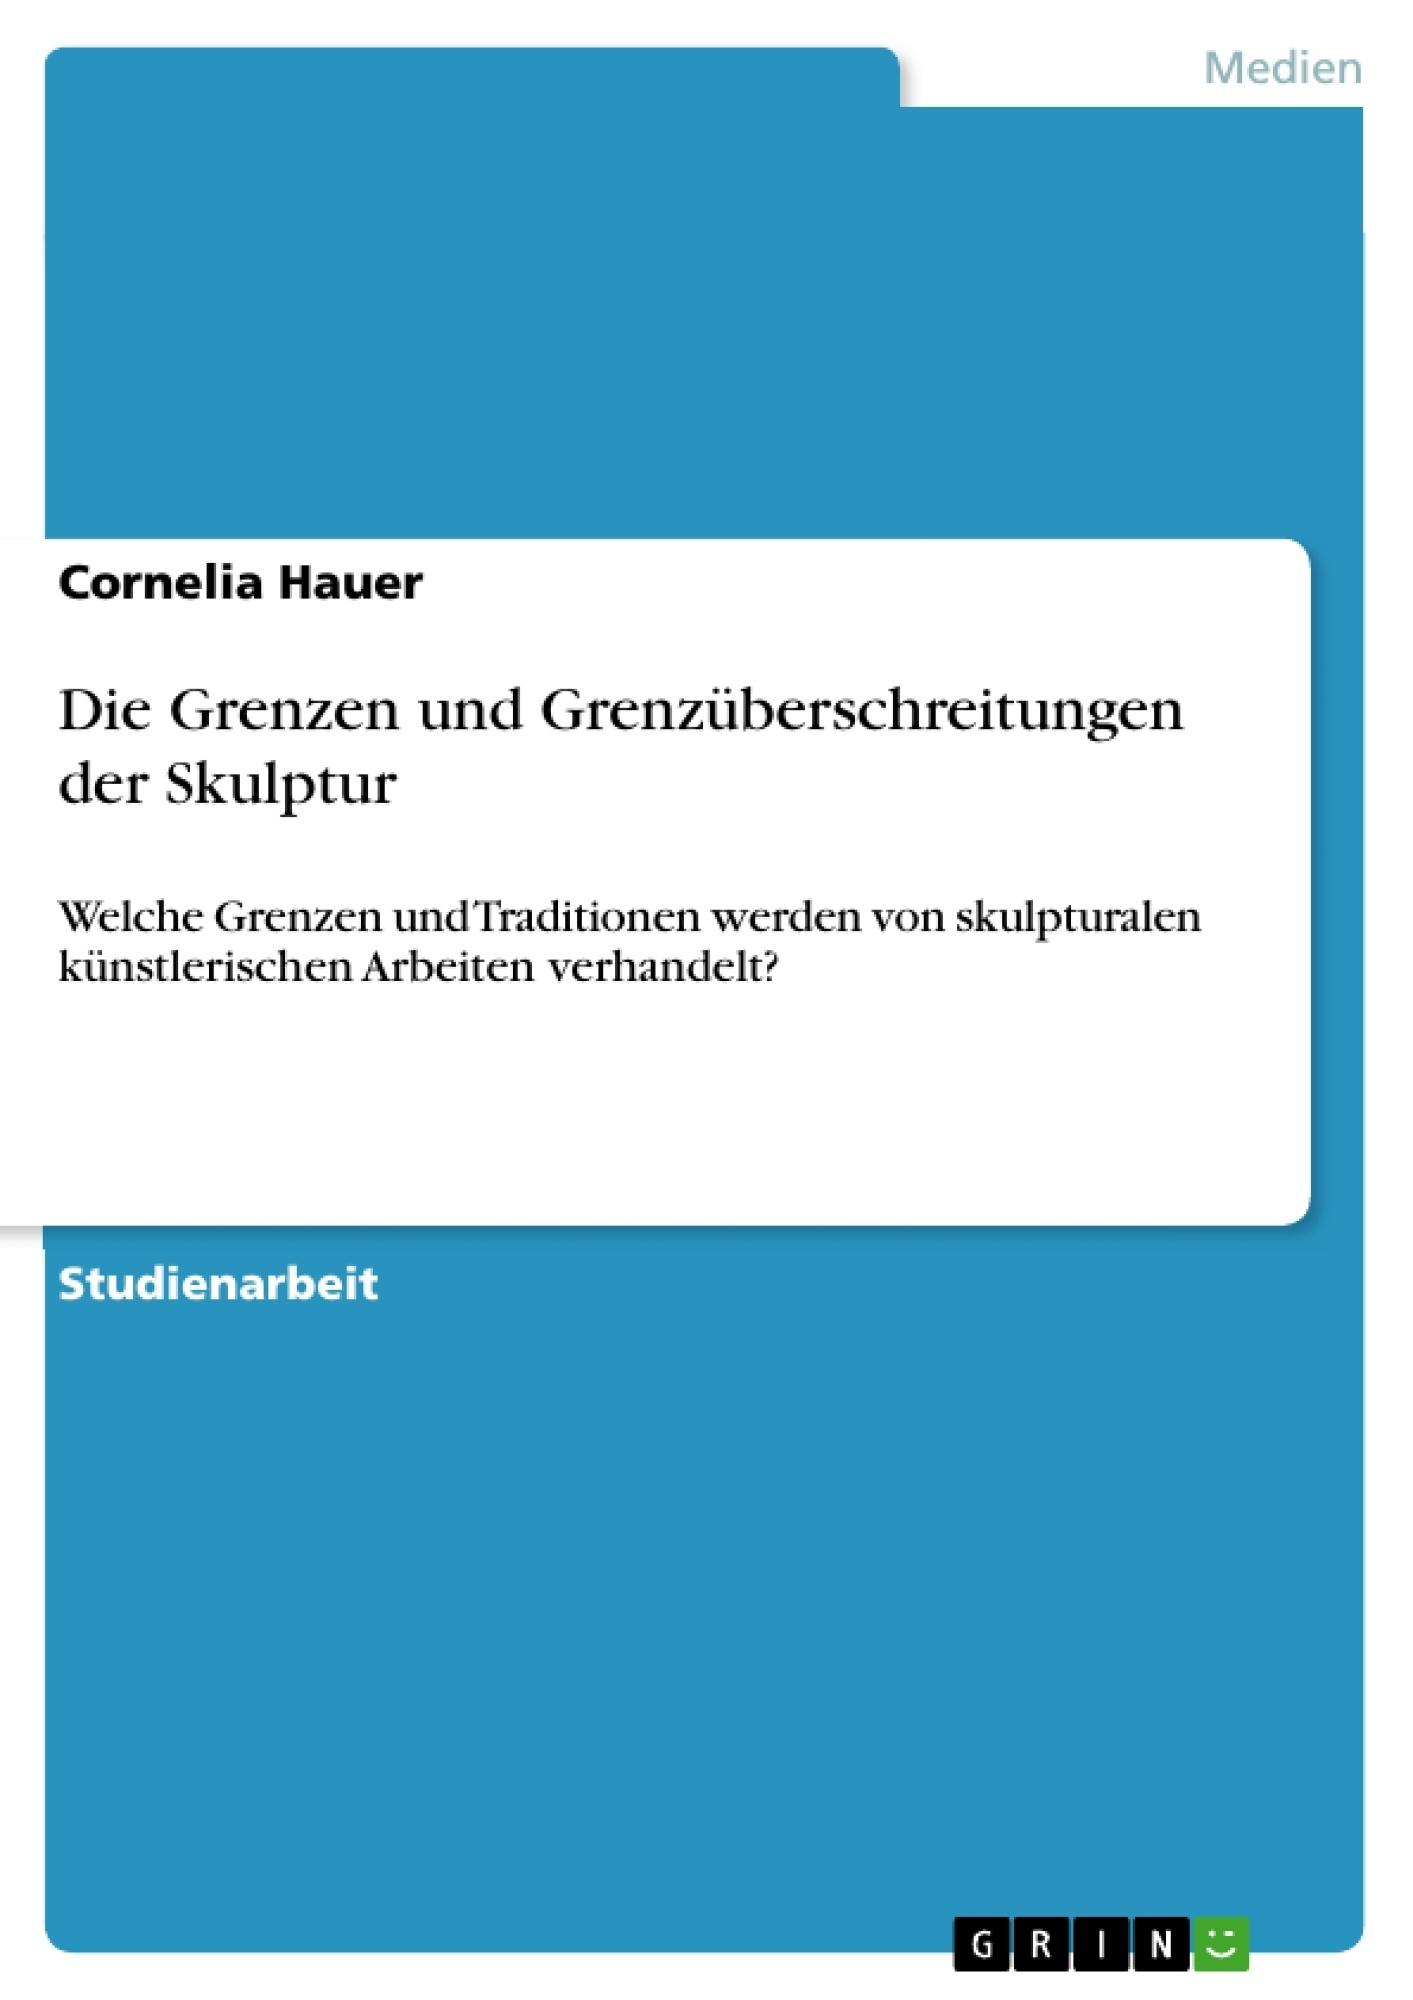 Titel: Die Grenzen und Grenzüberschreitungen der Skulptur